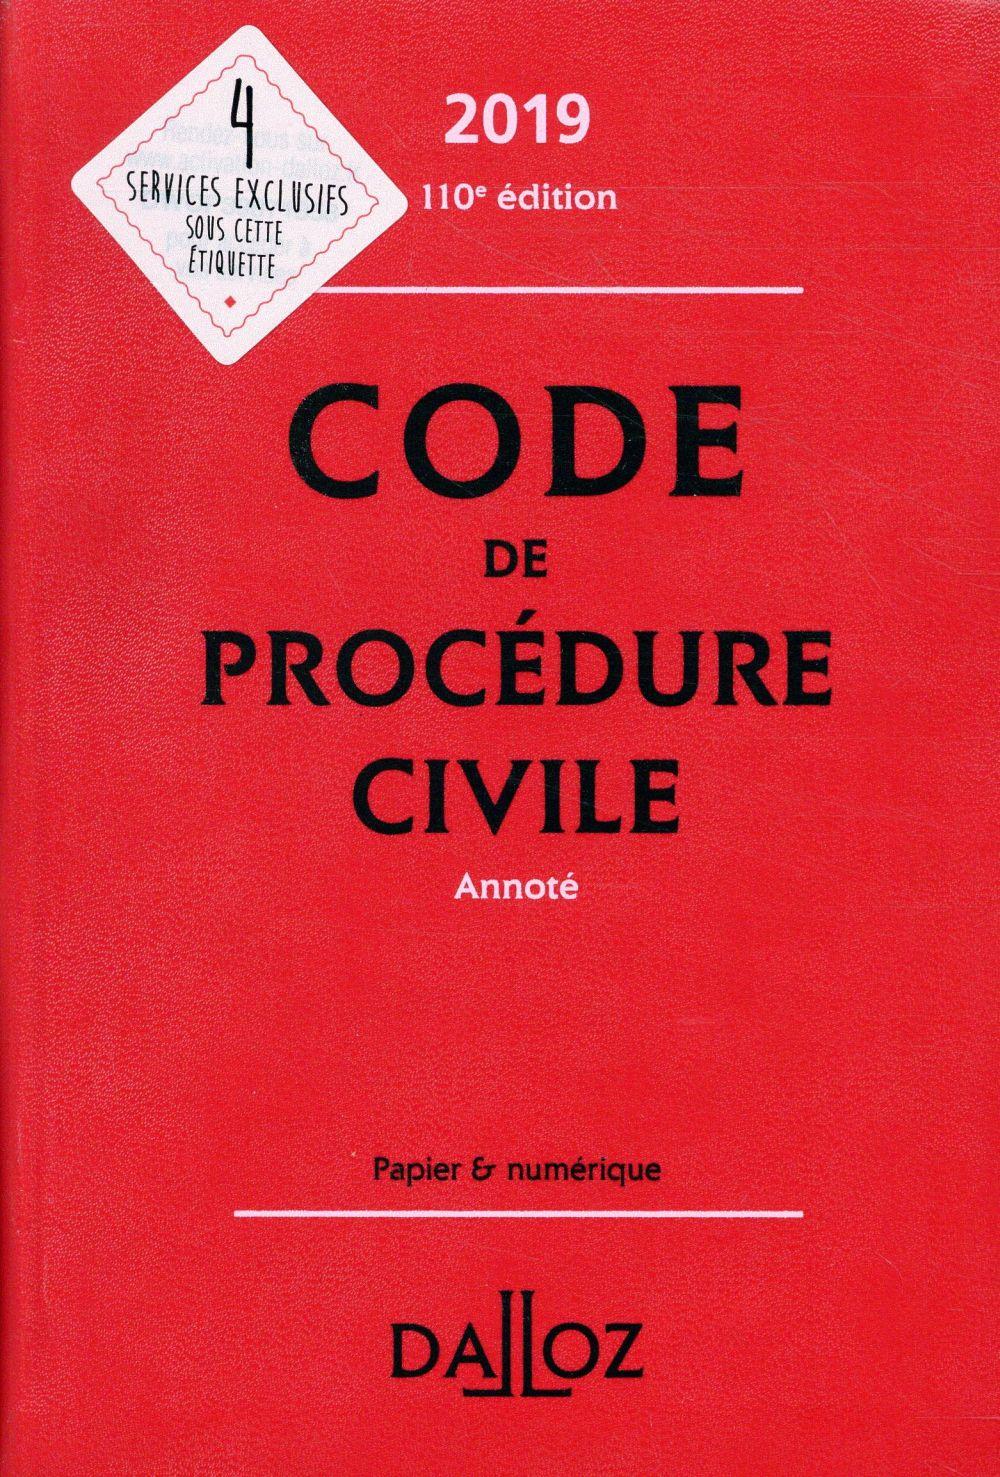 Code de procédure civile annoté (édition 2019)